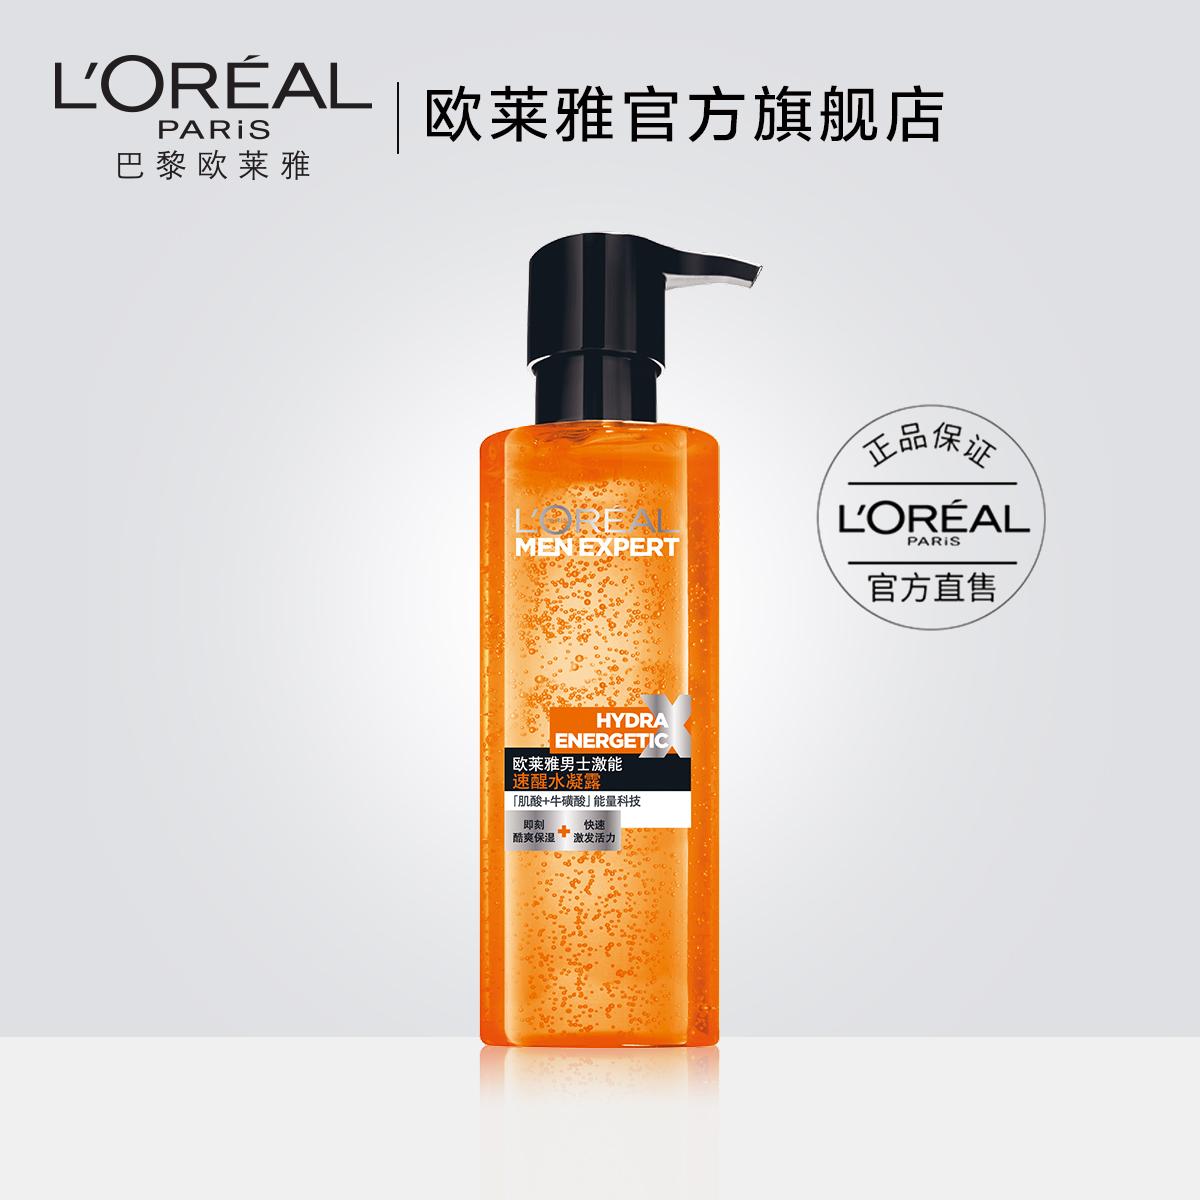 Л'ореаль мужской стимулировать может скорость просыпаться вода гель увлажняющий пополнение запереть вода услуга кожа круто кожа воды кожа статья